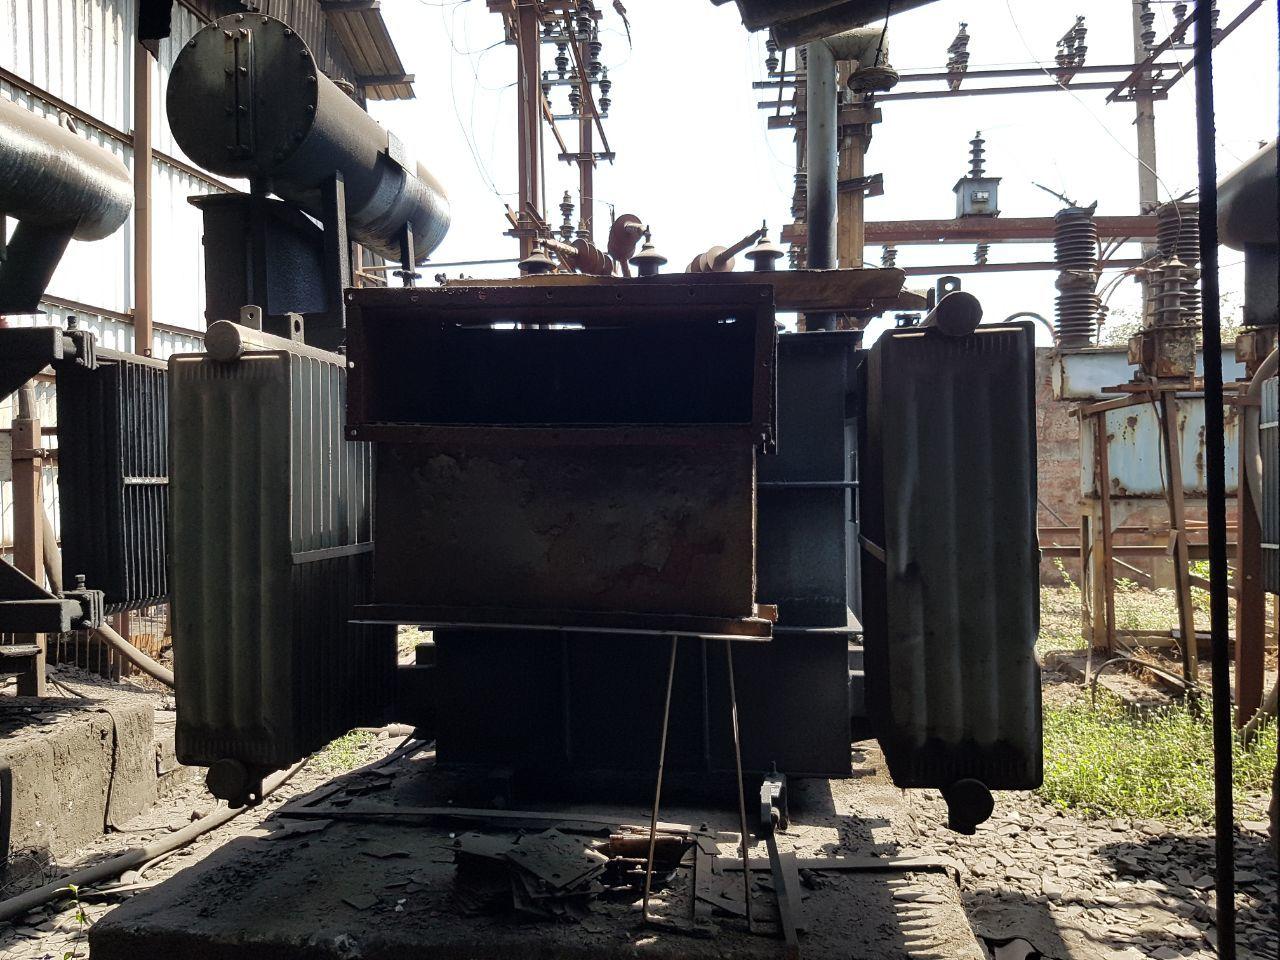 transformer- 1250 KVA 11/440 Volts